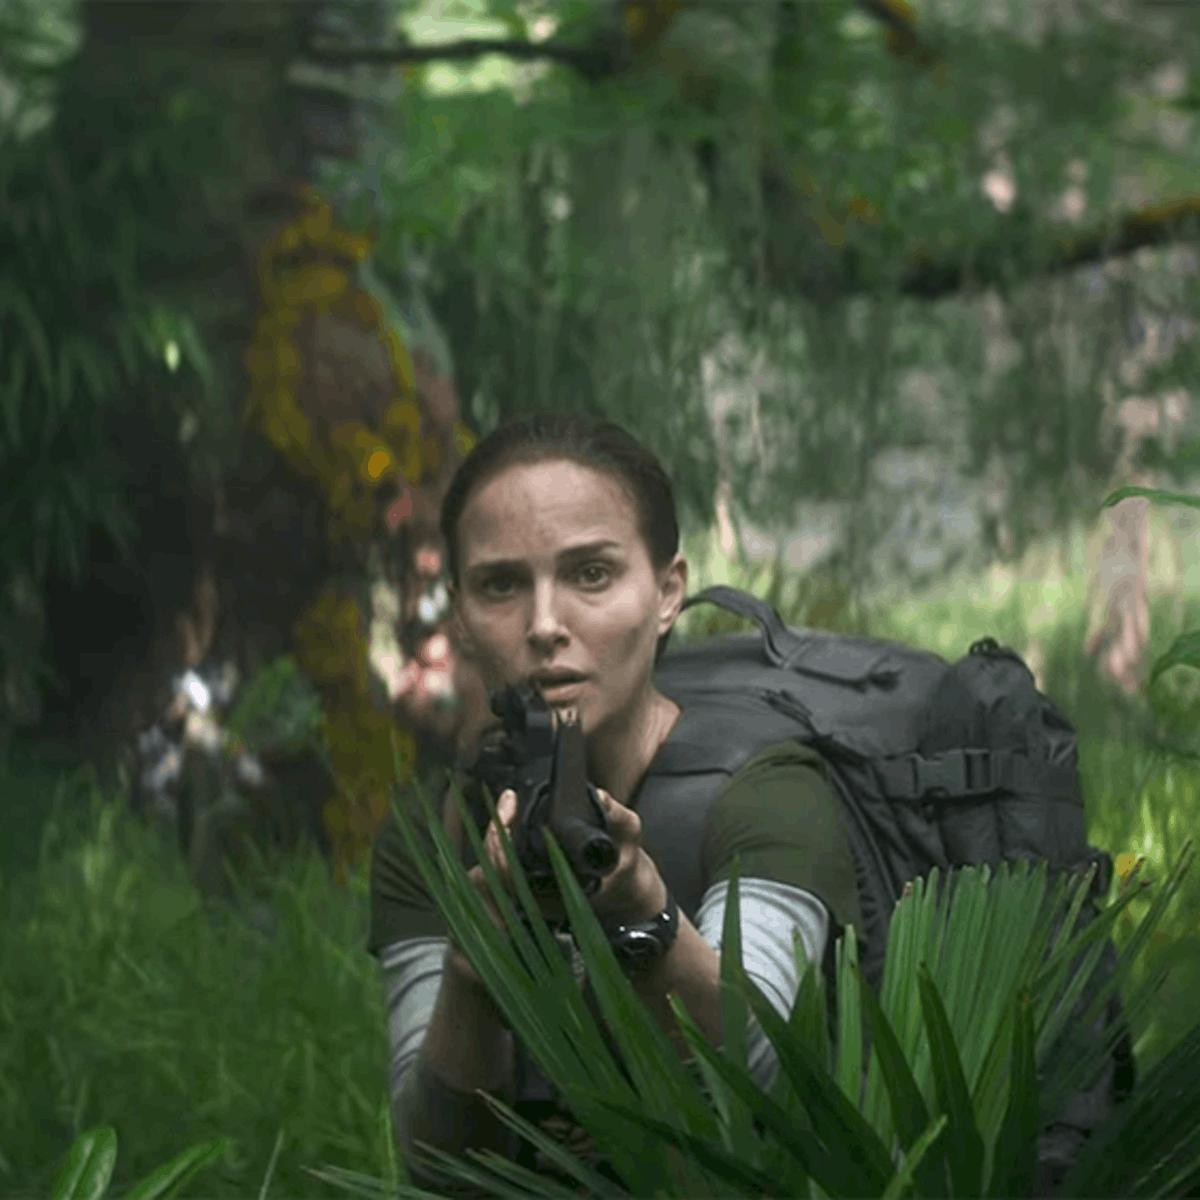 natalie portman stars in annihilation The Best Movies On Netflix In 2019